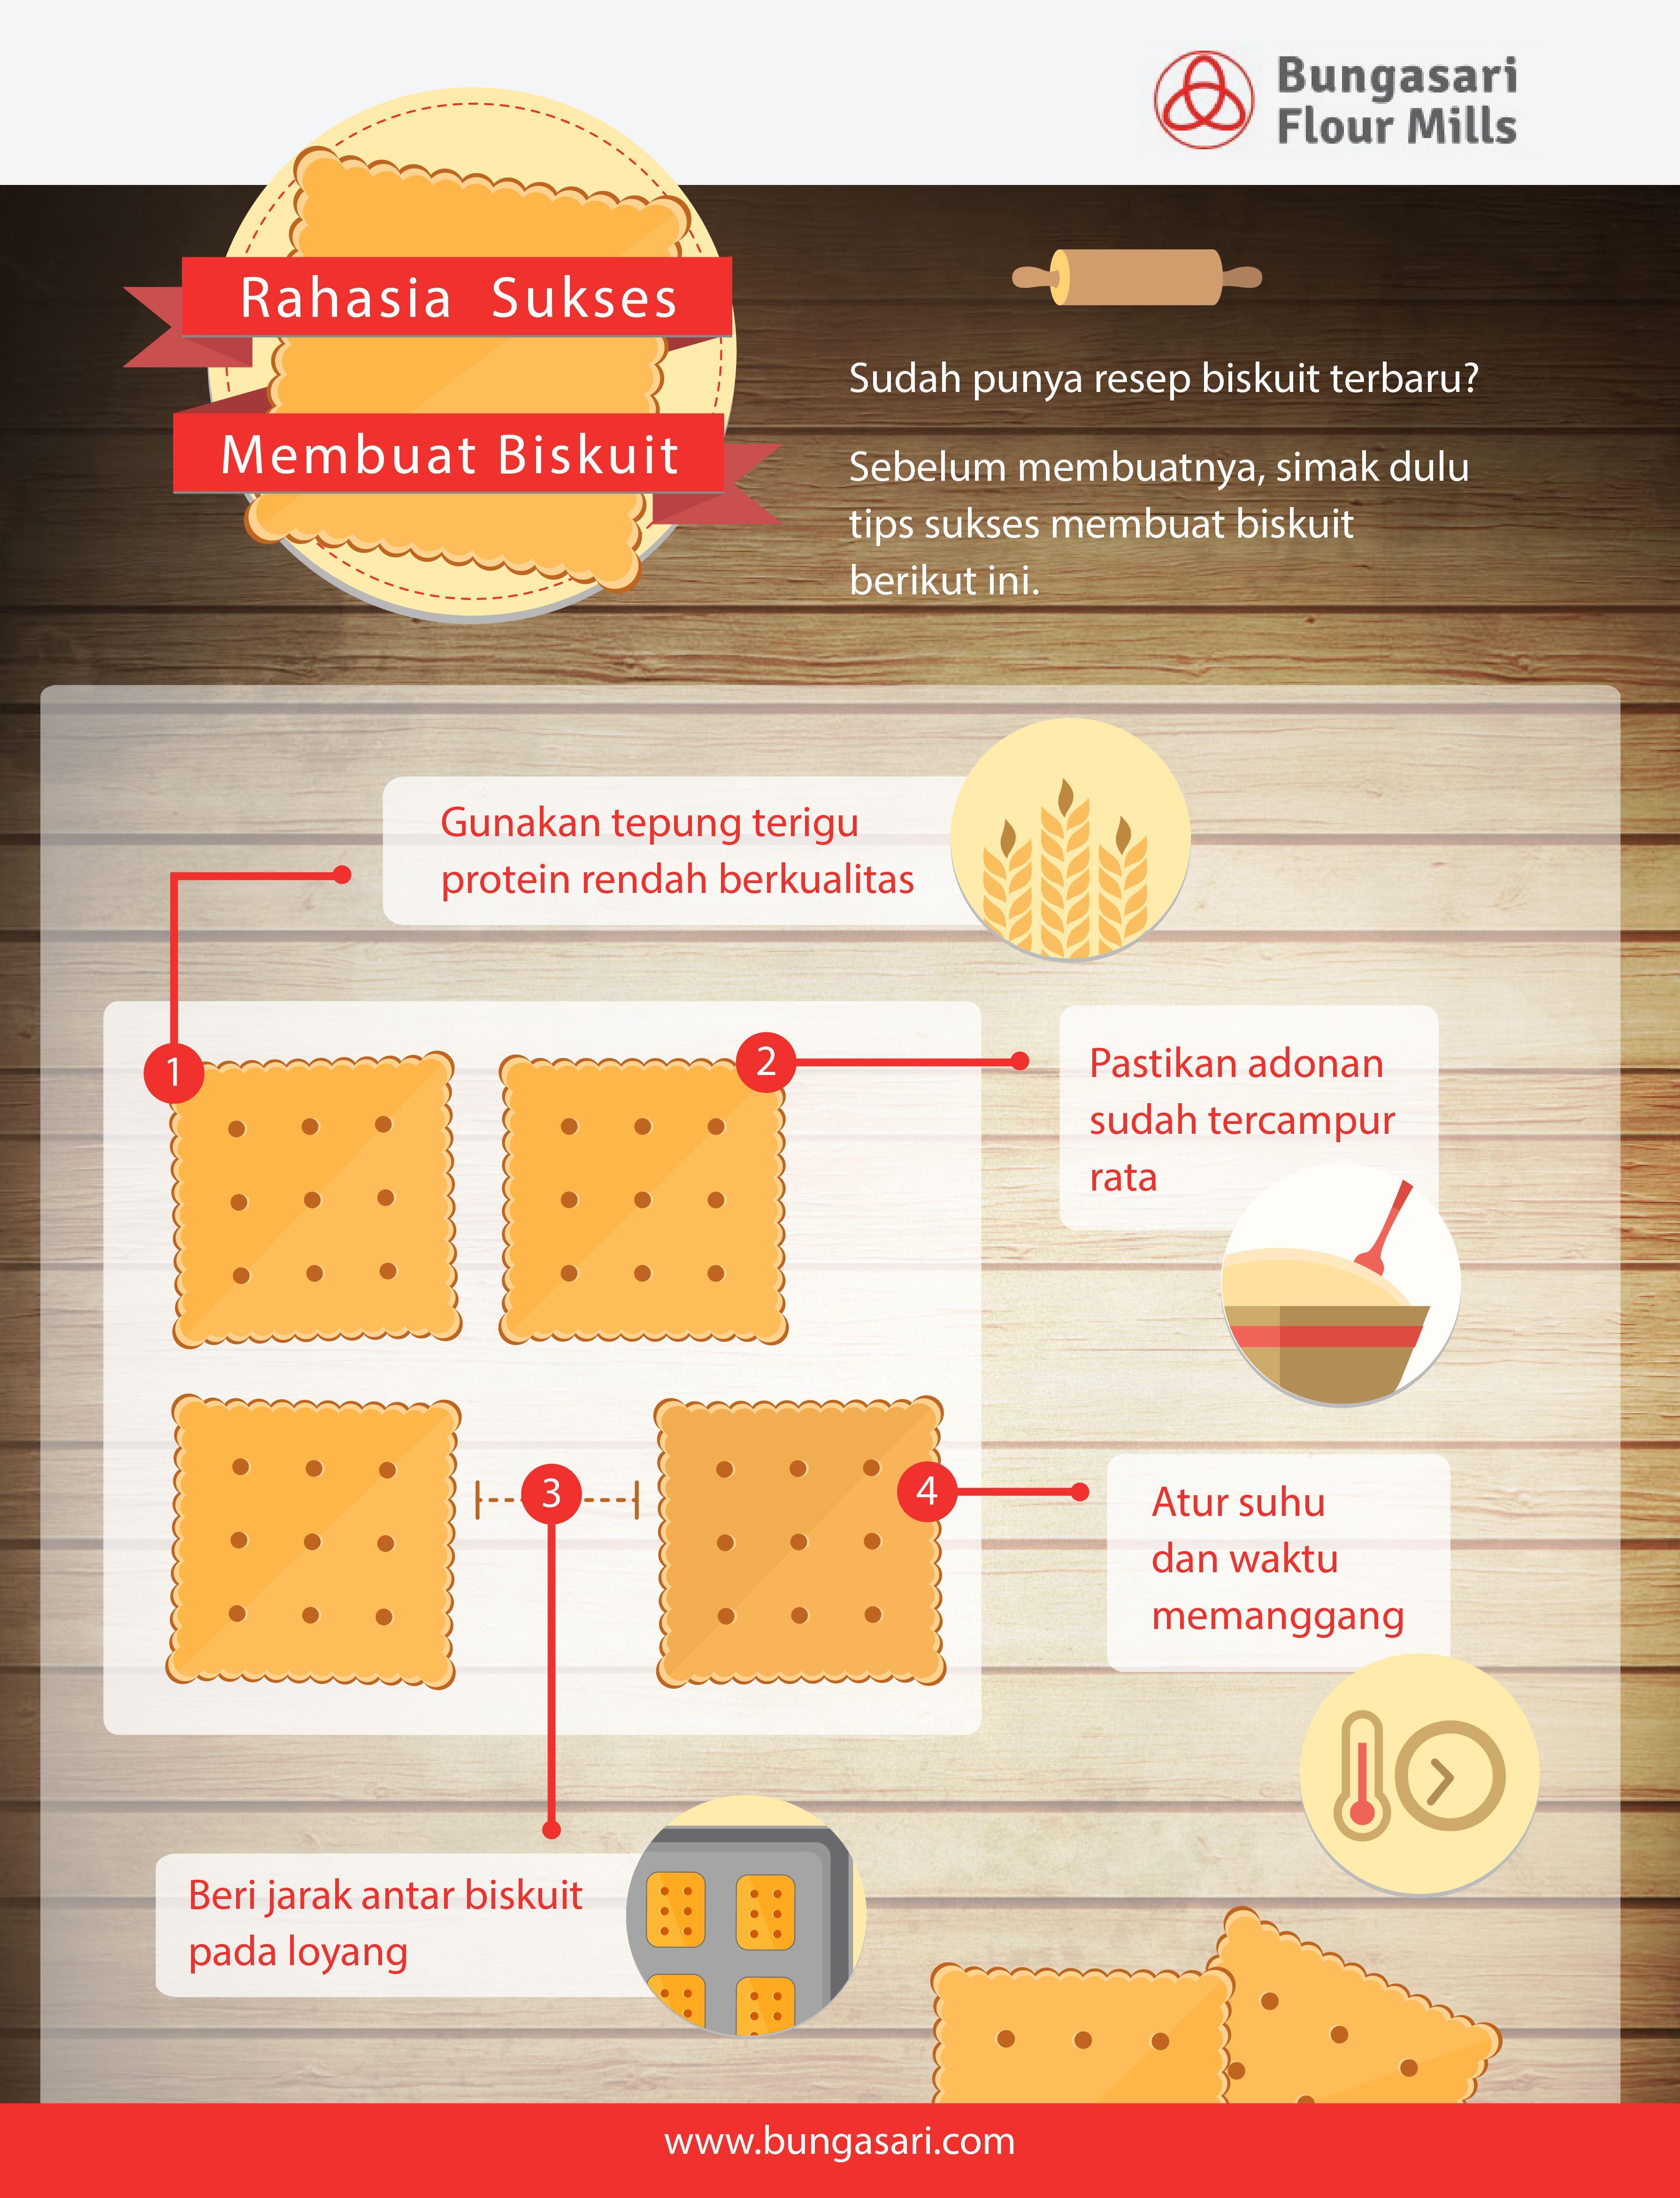 Pengunaan tepung terigu protein rendah yang berkualitas akan membuat tekstur biskuit kreasi anda menjadi lebih renyah dan hasilnya pun maksimal.  Sumber : http://www.bungasari.com/